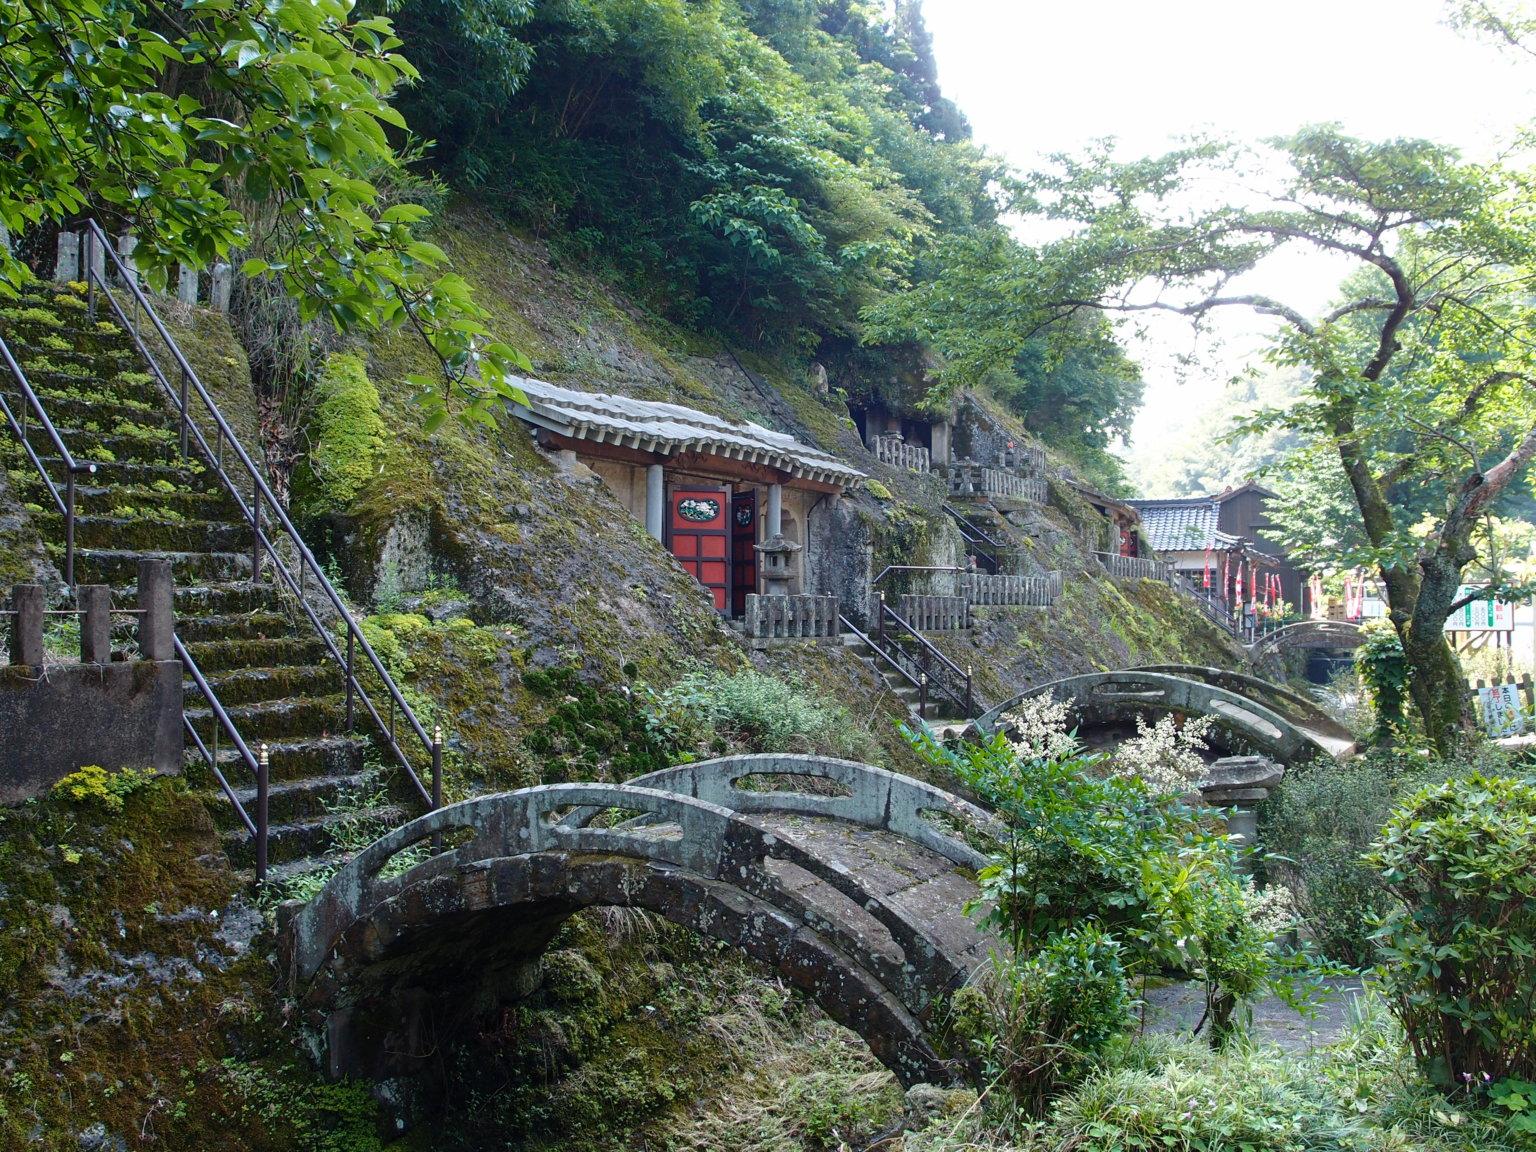 P6256345 1536x1152 - 【島根 石見銀山】日本を支えた産業の文化的景観。石見銀山にいこう!